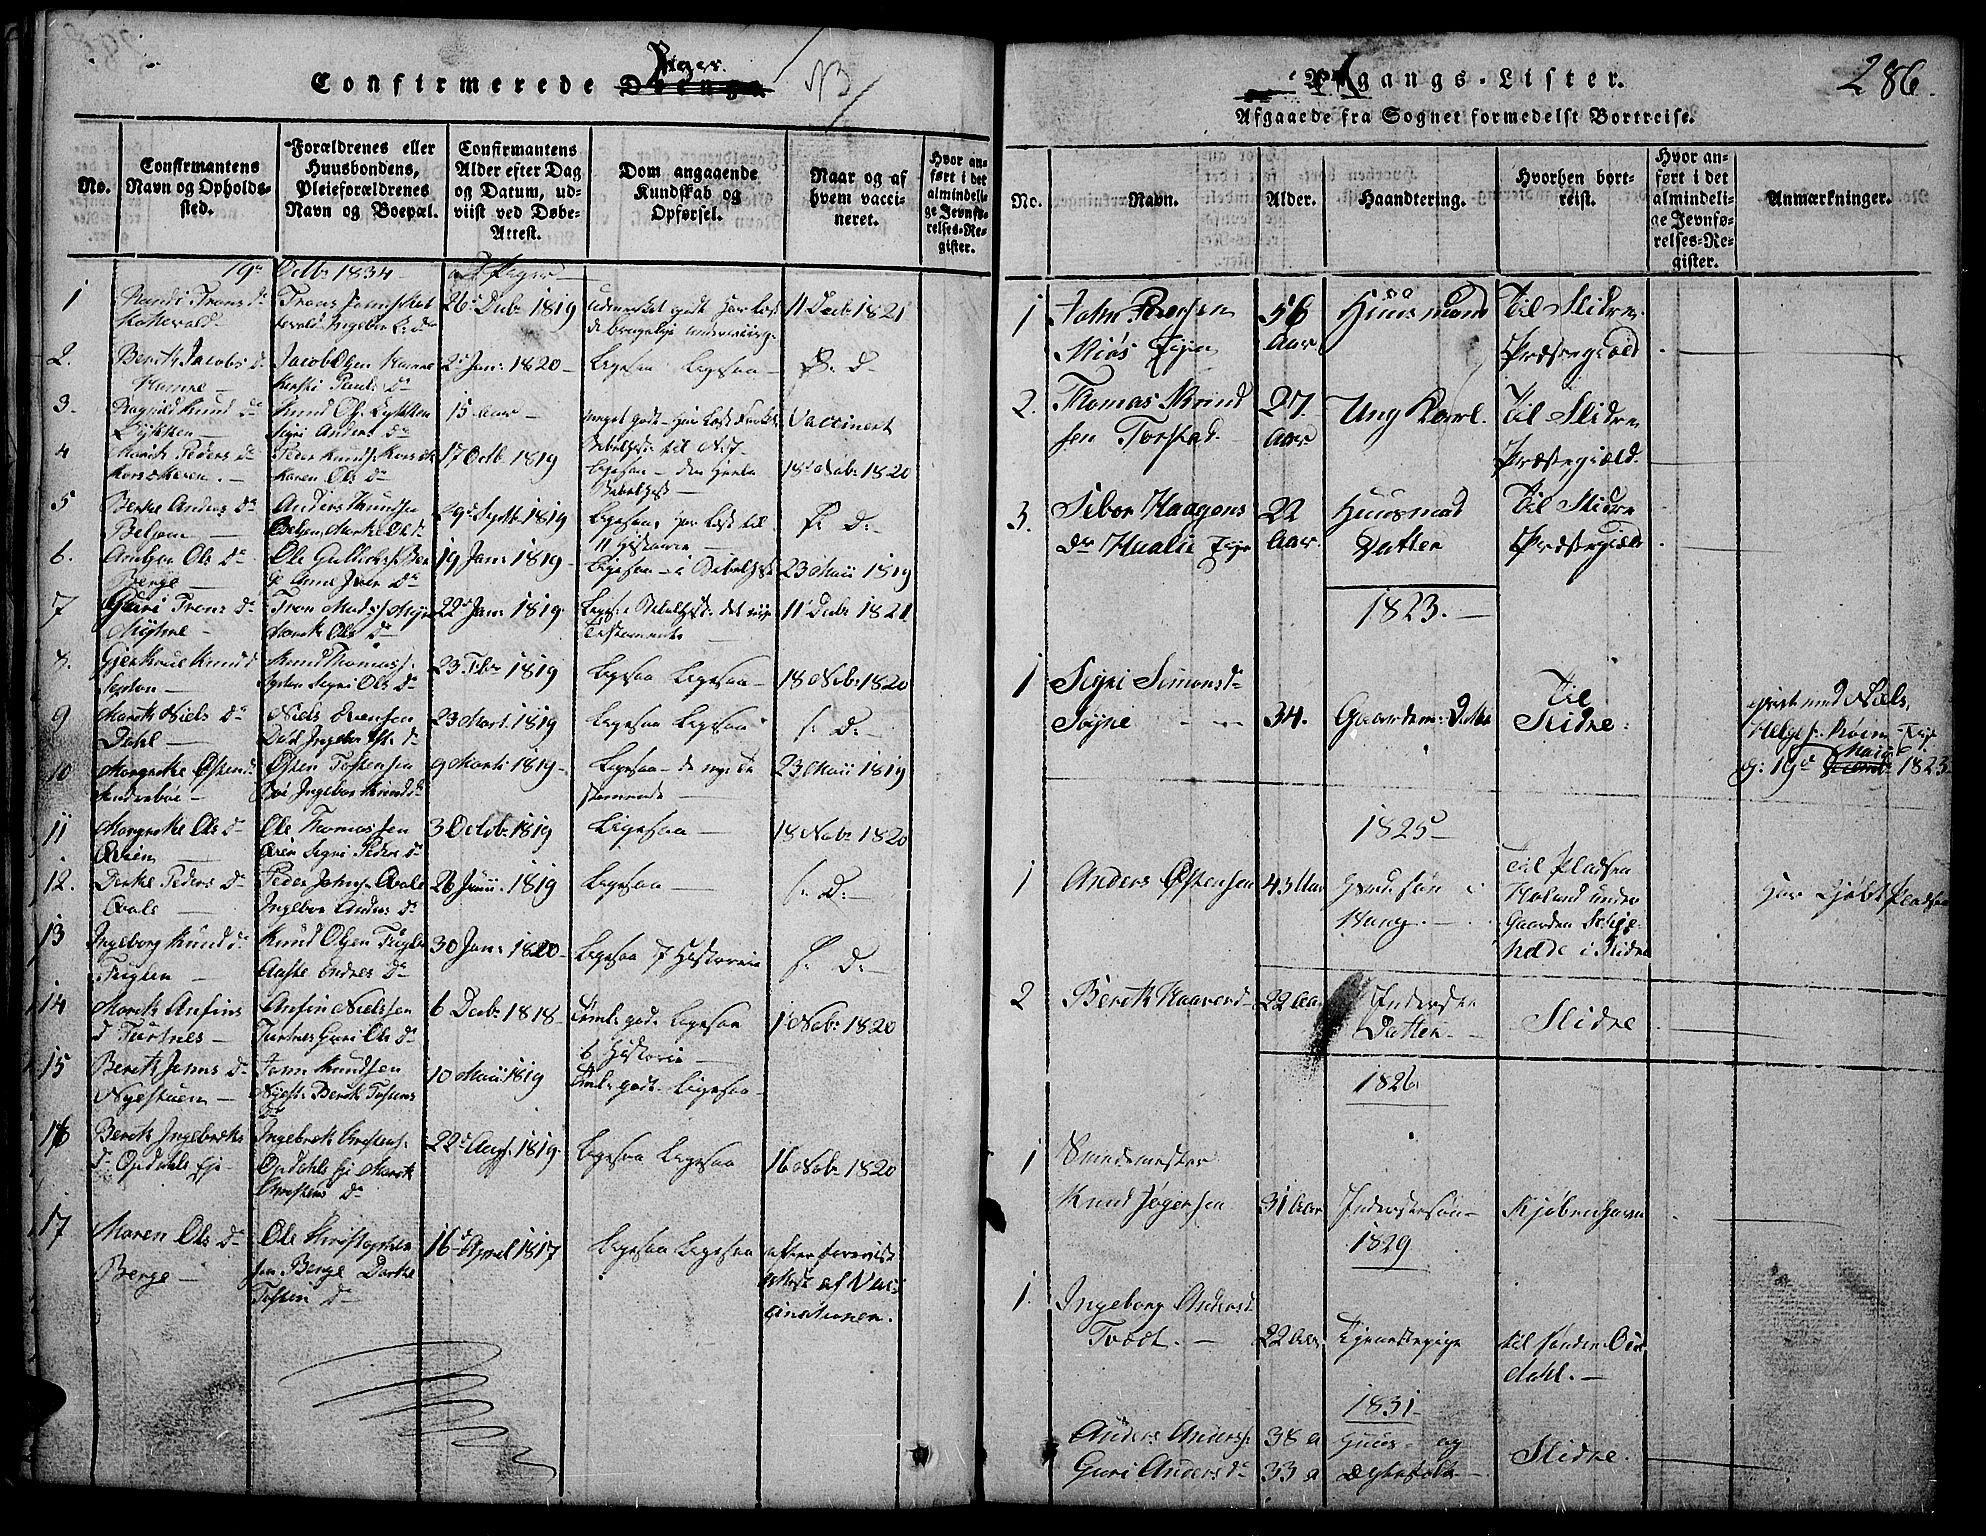 SAH, Vang prestekontor, Valdres, Klokkerbok nr. 2, 1814-1889, s. 286